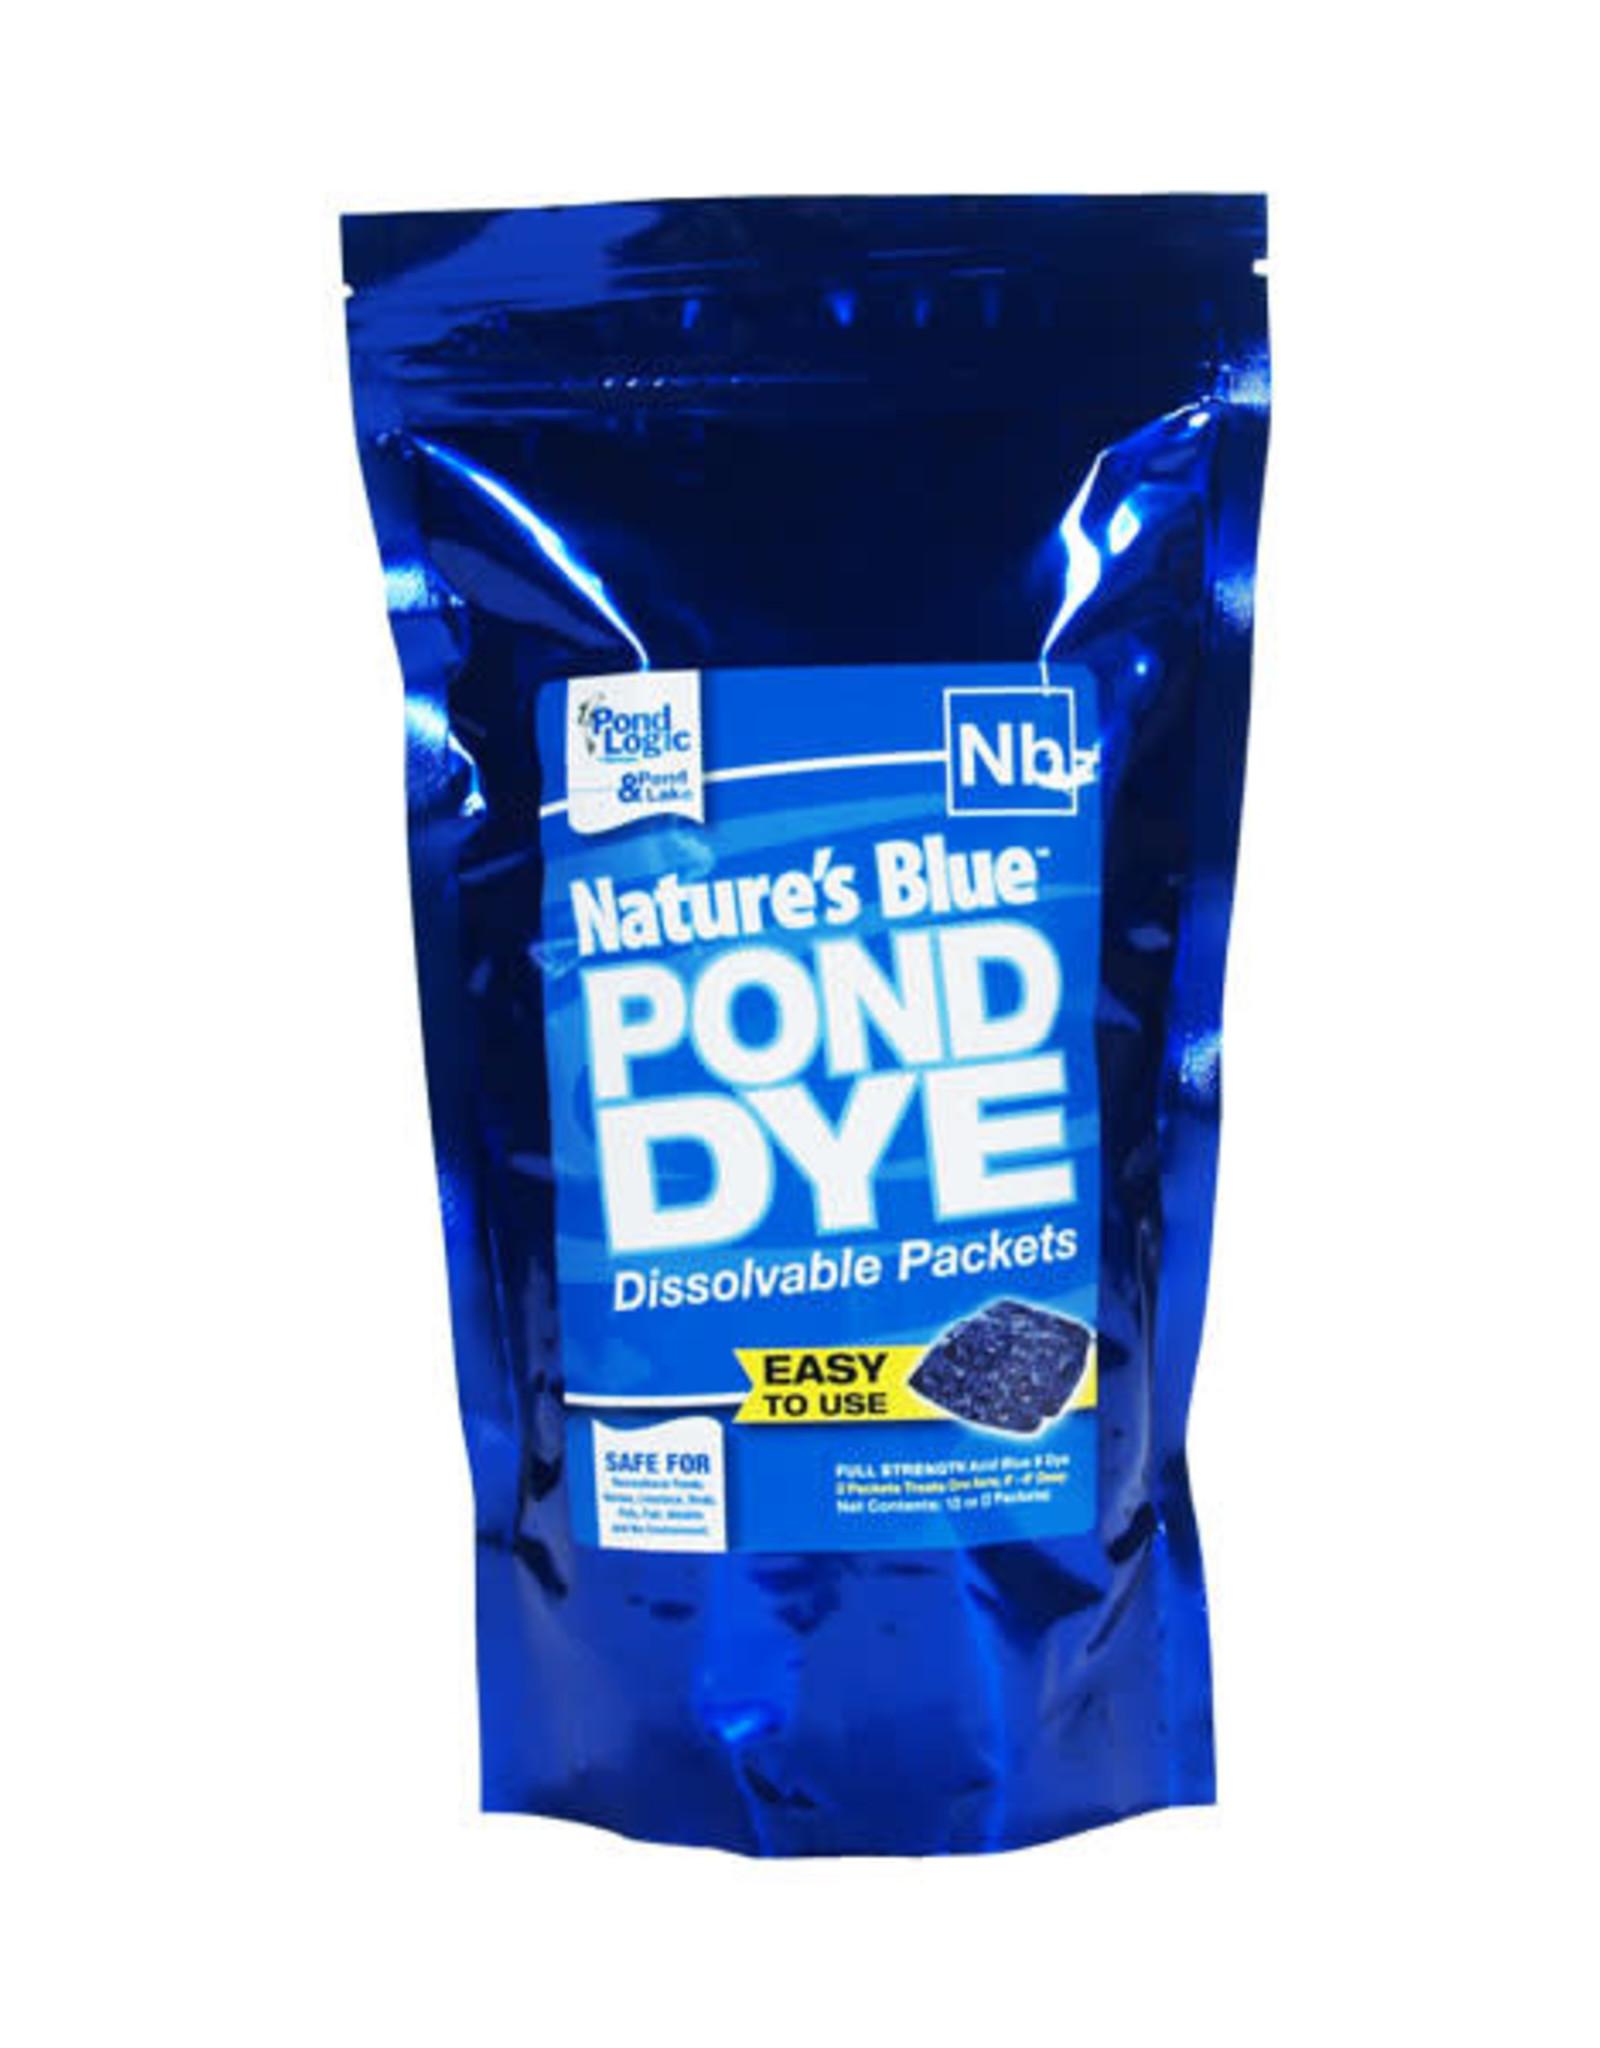 POND LOGIC & POND LAKE BLUE POND DYE WSP 2 PK DISCONT